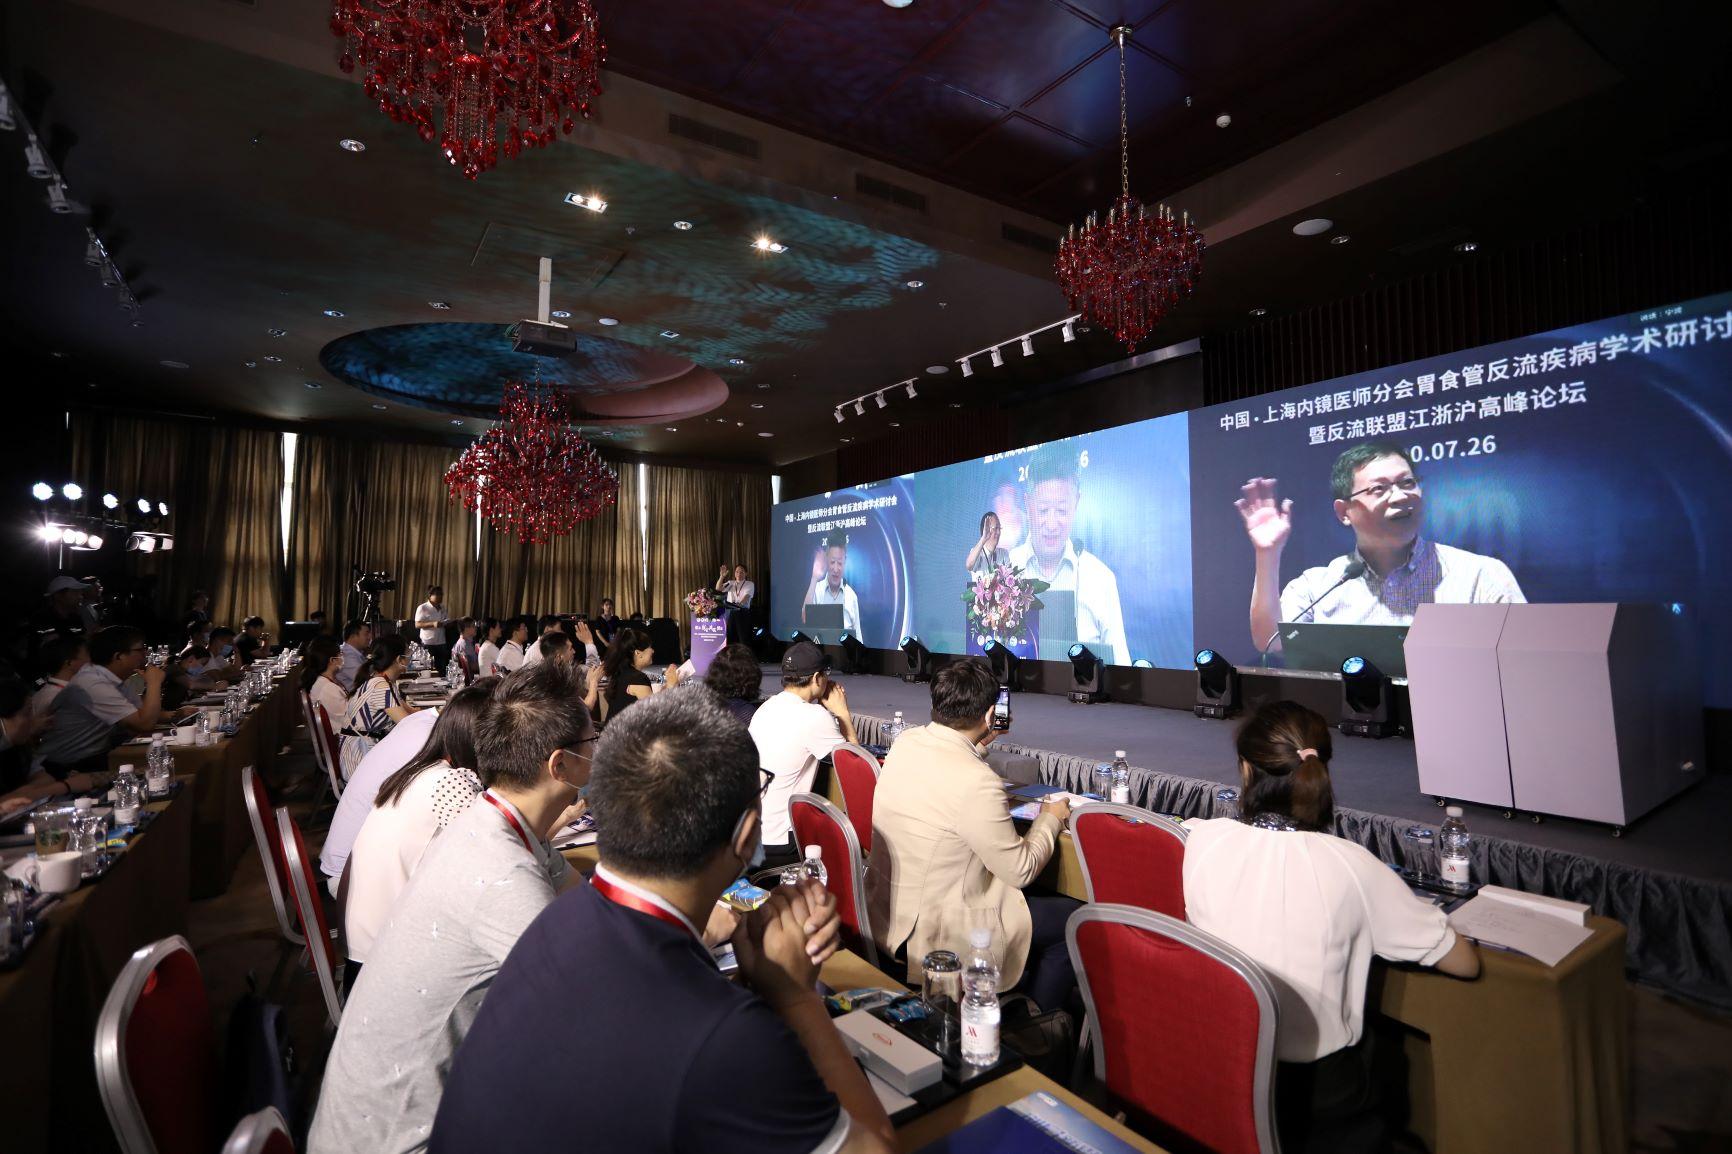 中国胃食管反流病患者高达1.65亿,误诊率很高